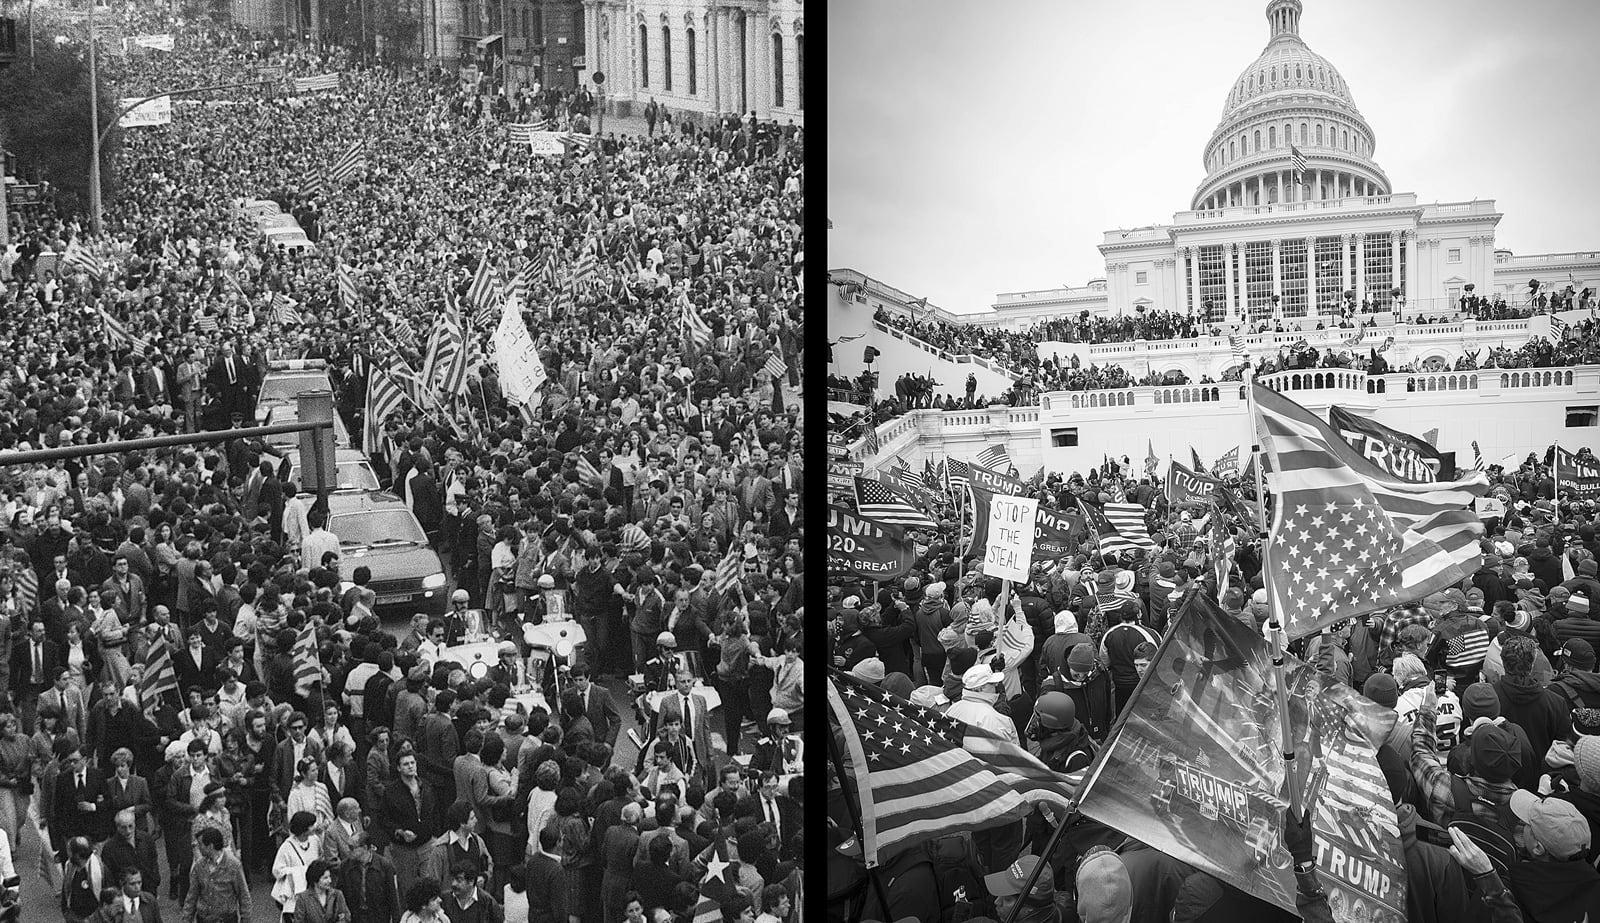 A l'esquerra, manifestació de suport a Jordi Pujol, quan era investigat pel Cas Banca Catalana, el 30 de maig de 1984. A la dreta assalt al Capitoli de Washington en suport a Trump, el 6 de gener del 2020. Fotografies d'Efe i Mark Finkenstaedt. Zuma Wire.